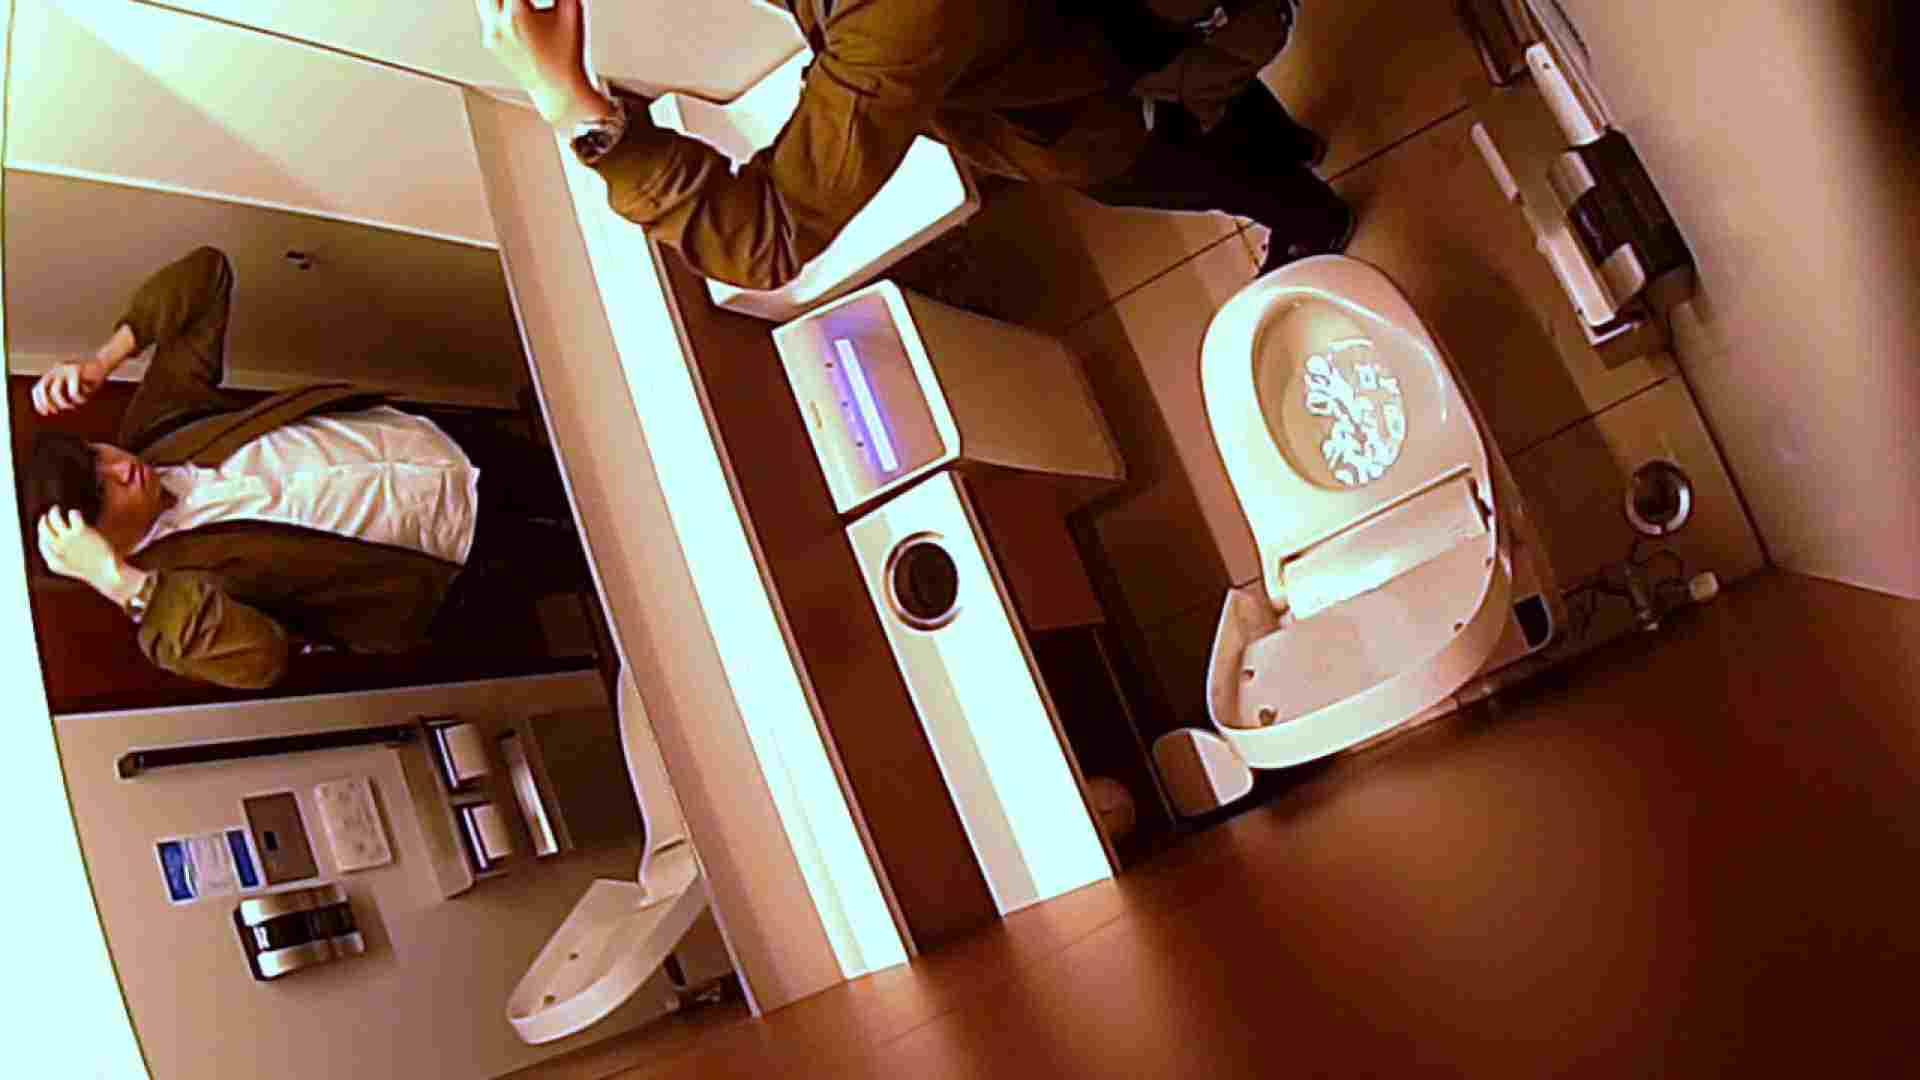 すみませんが覗かせてください Vol.30 トイレ | 0  62枚 29